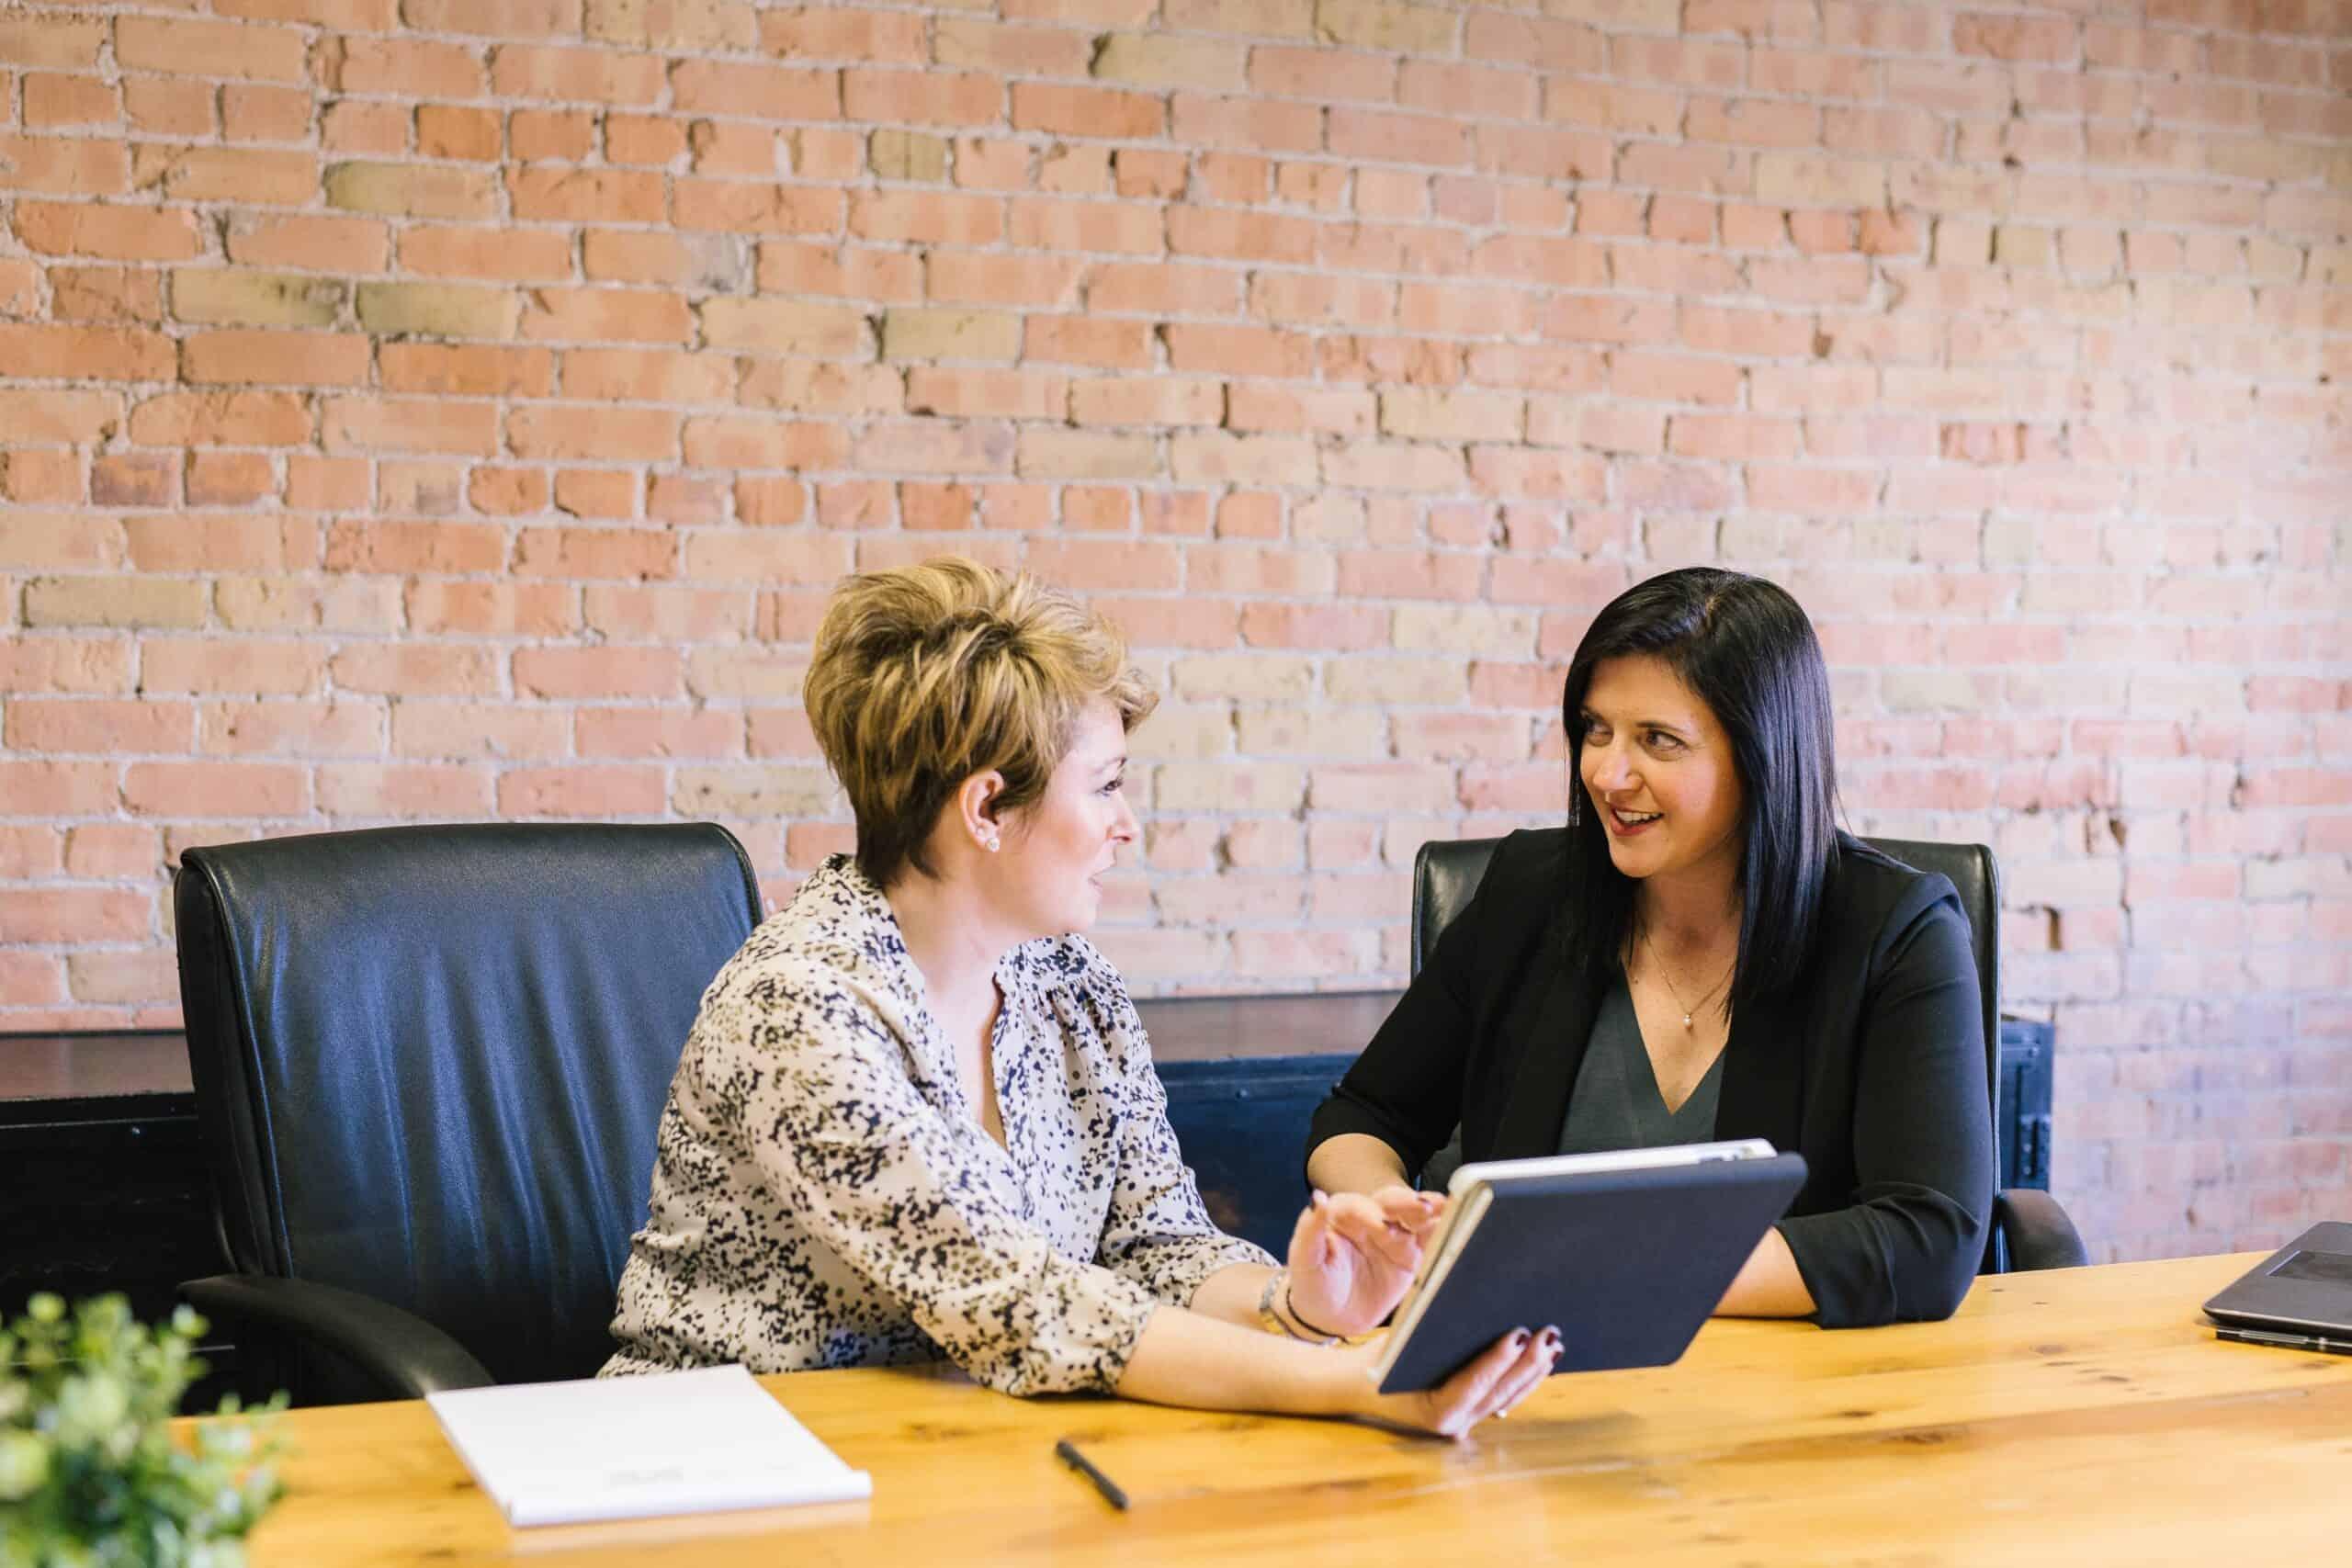 språk- och kommunikationsutvecklande arbetsplatser